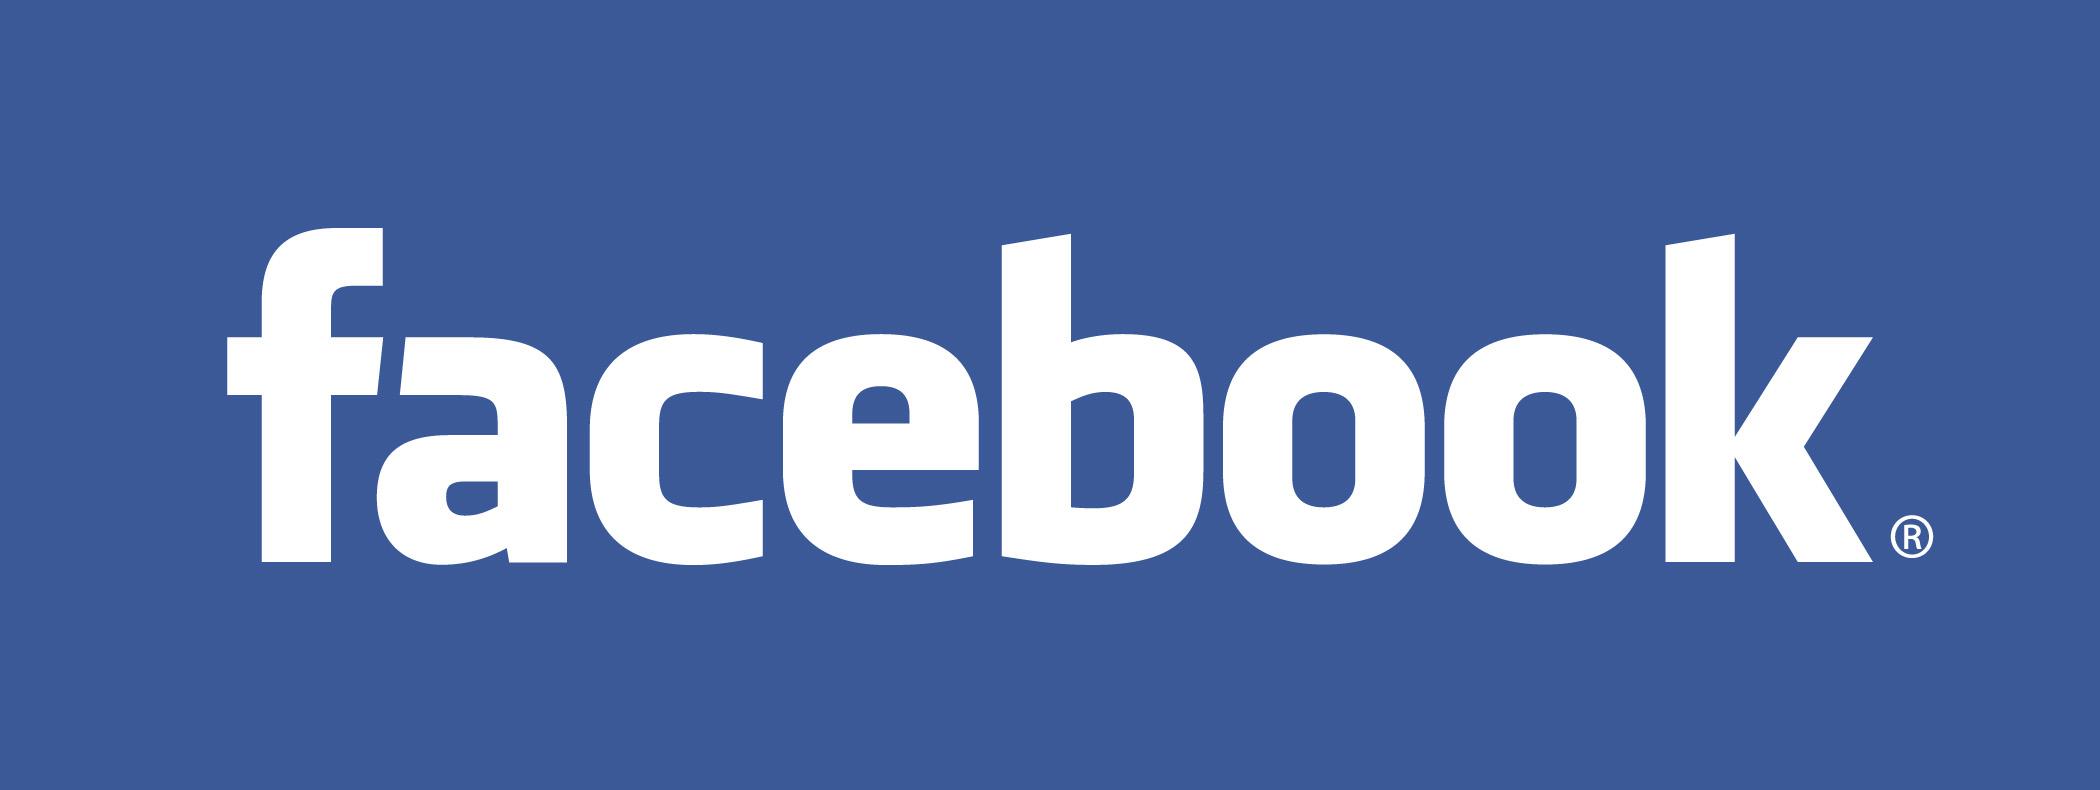 Facebook Logo Sign